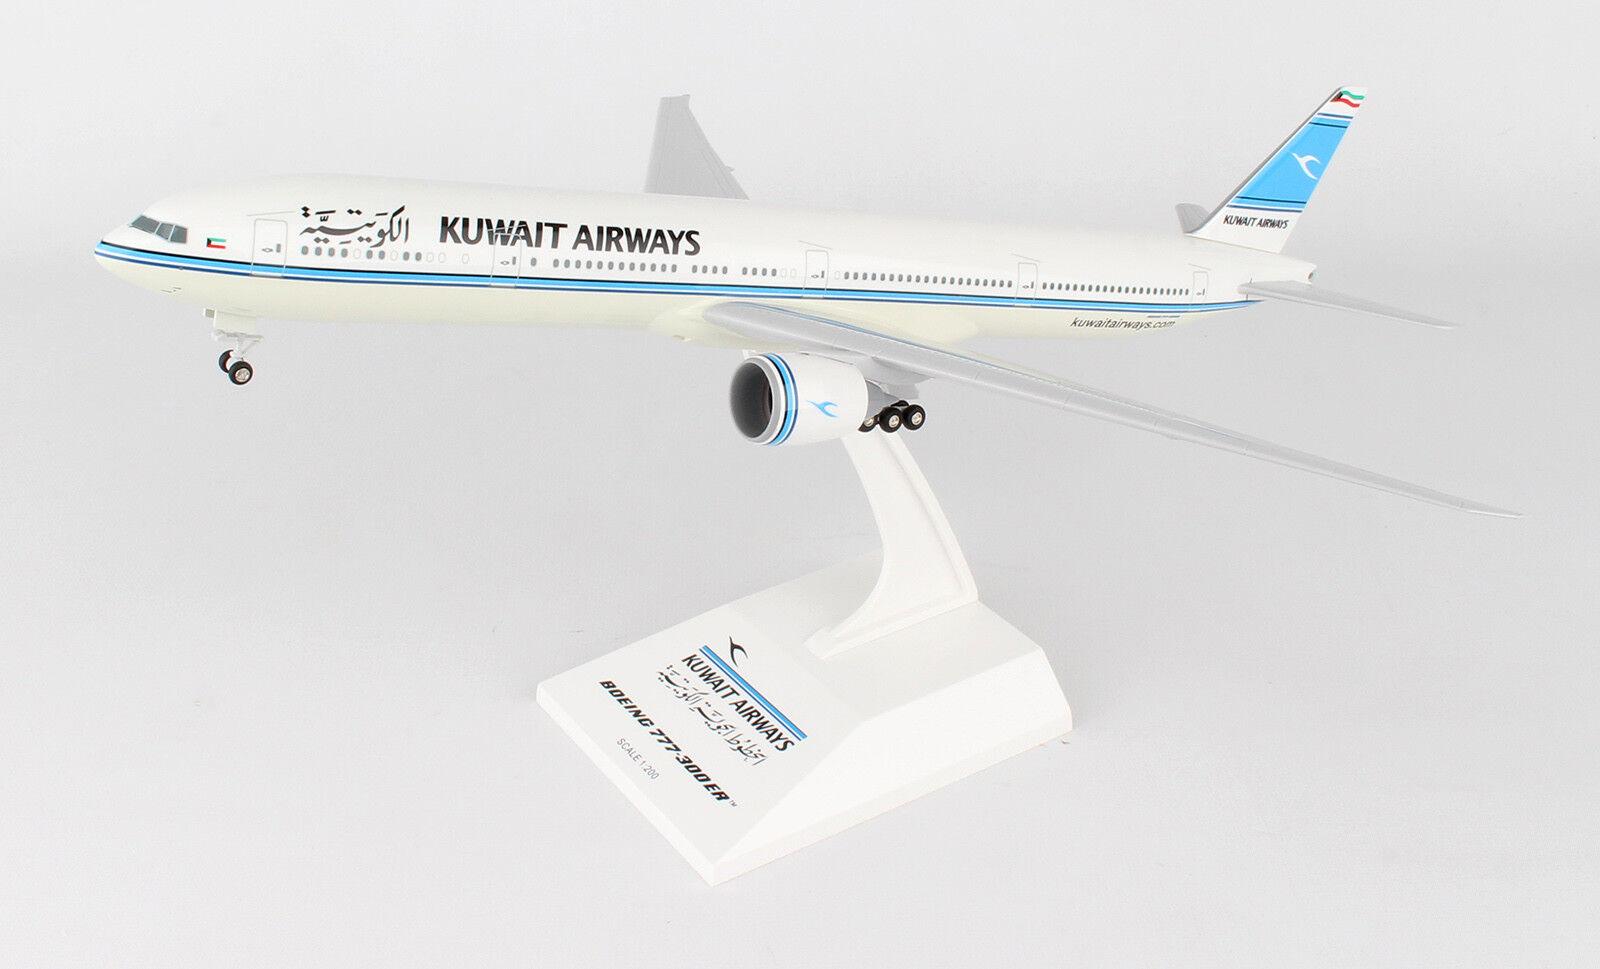 SkyMarks Kuwait Airways Boeing 777-300ER SKR891 1 200 W Gear, New